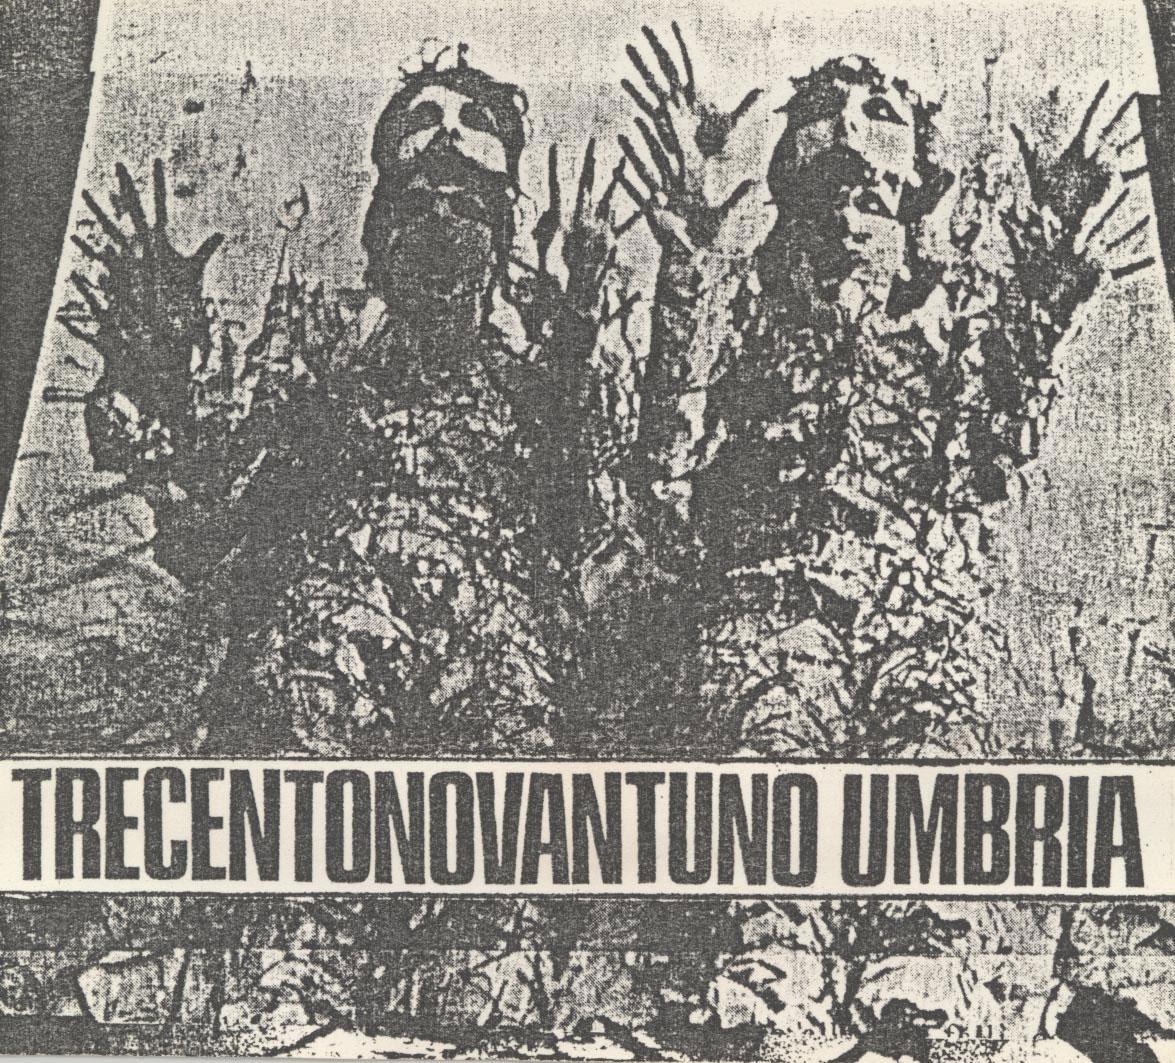 391-Umbria-cover-copy.jpg